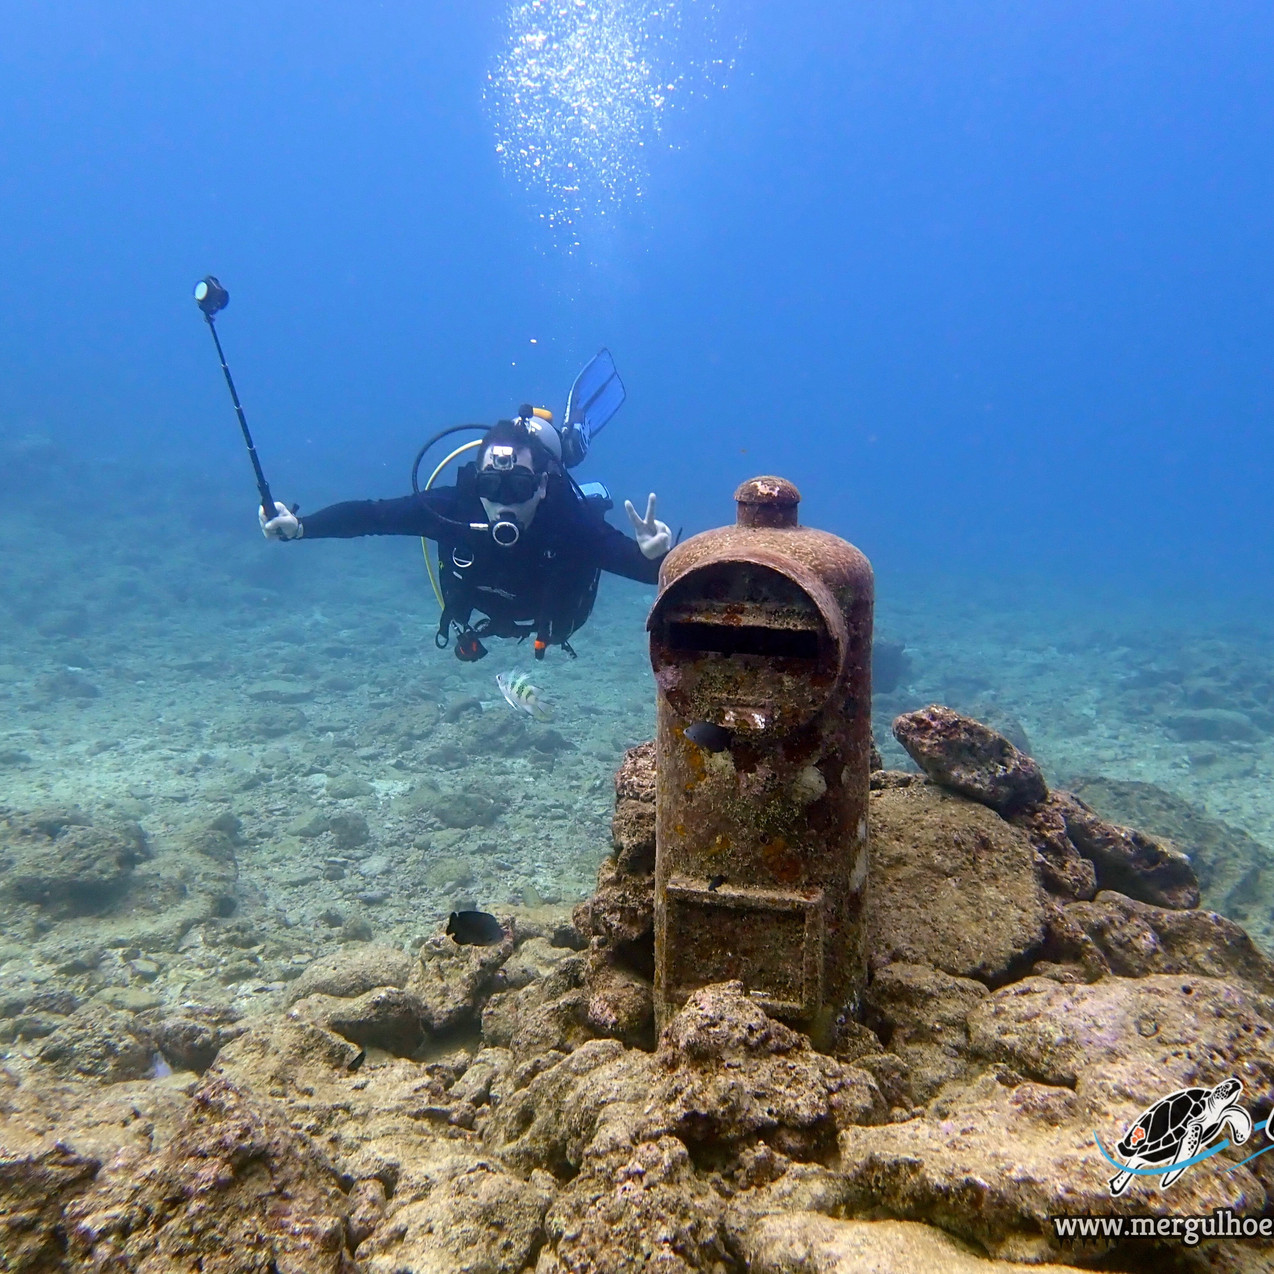 Andre é do Brasil e veio mergulhar em Okinawa com Aloha Divers Okinawa. 2 dias de mergulho com direito a vê muitas vidas